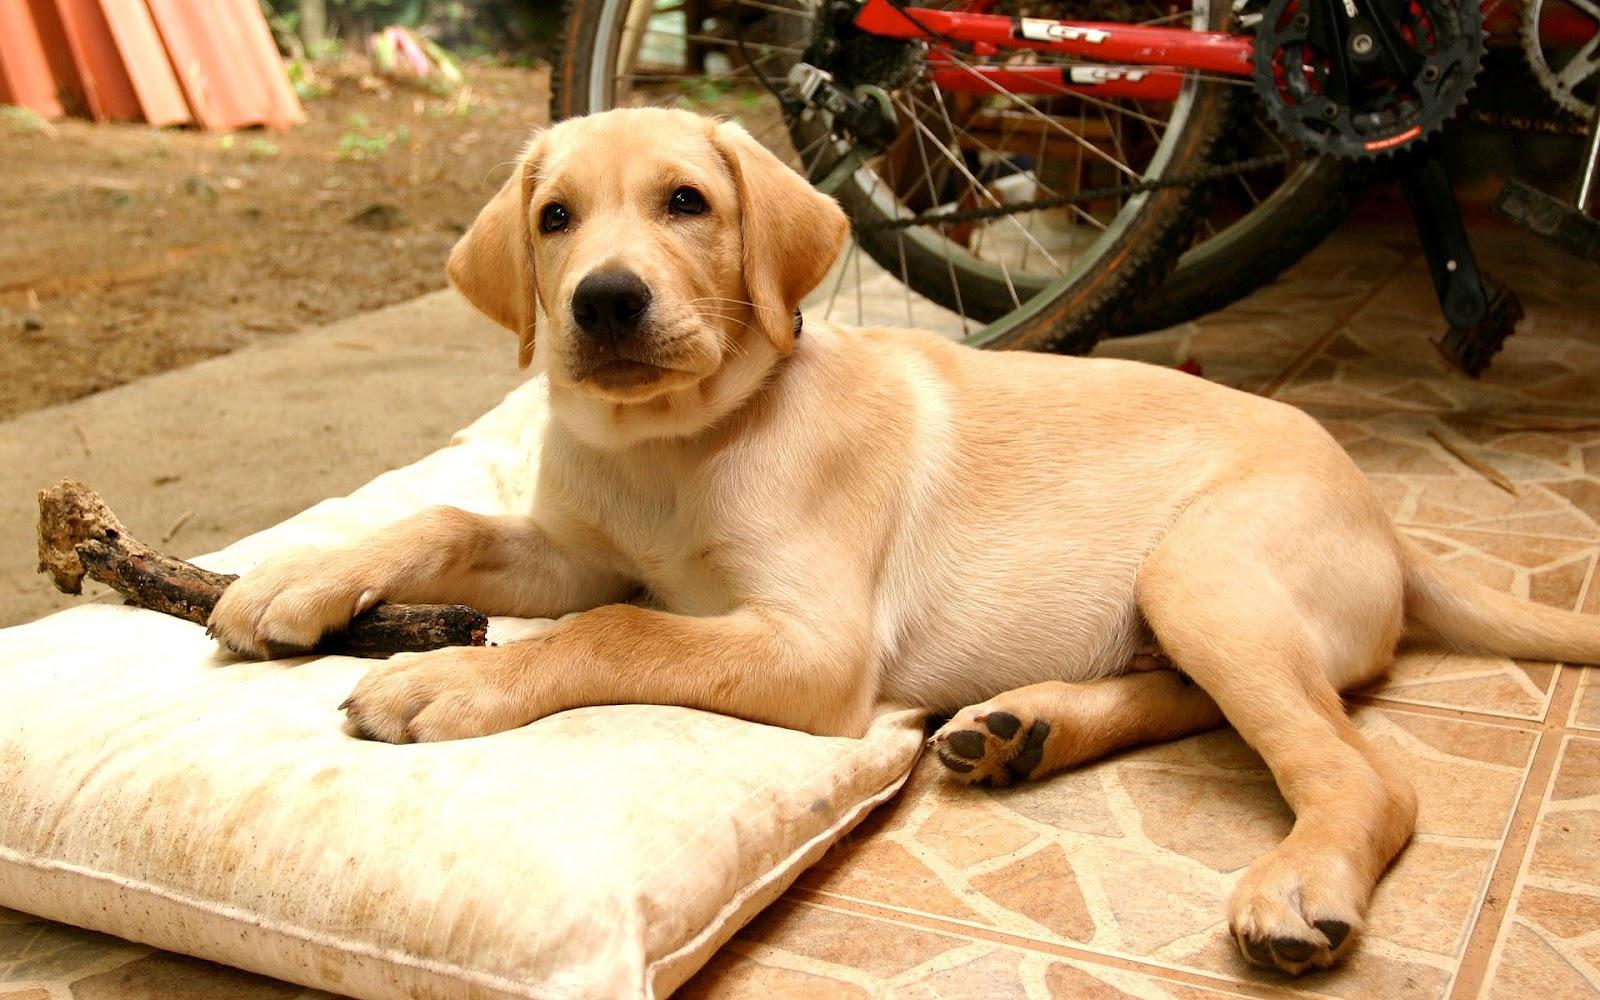 Bruine hond lekker aan het rusten op een kussen | hd hond wallpaper